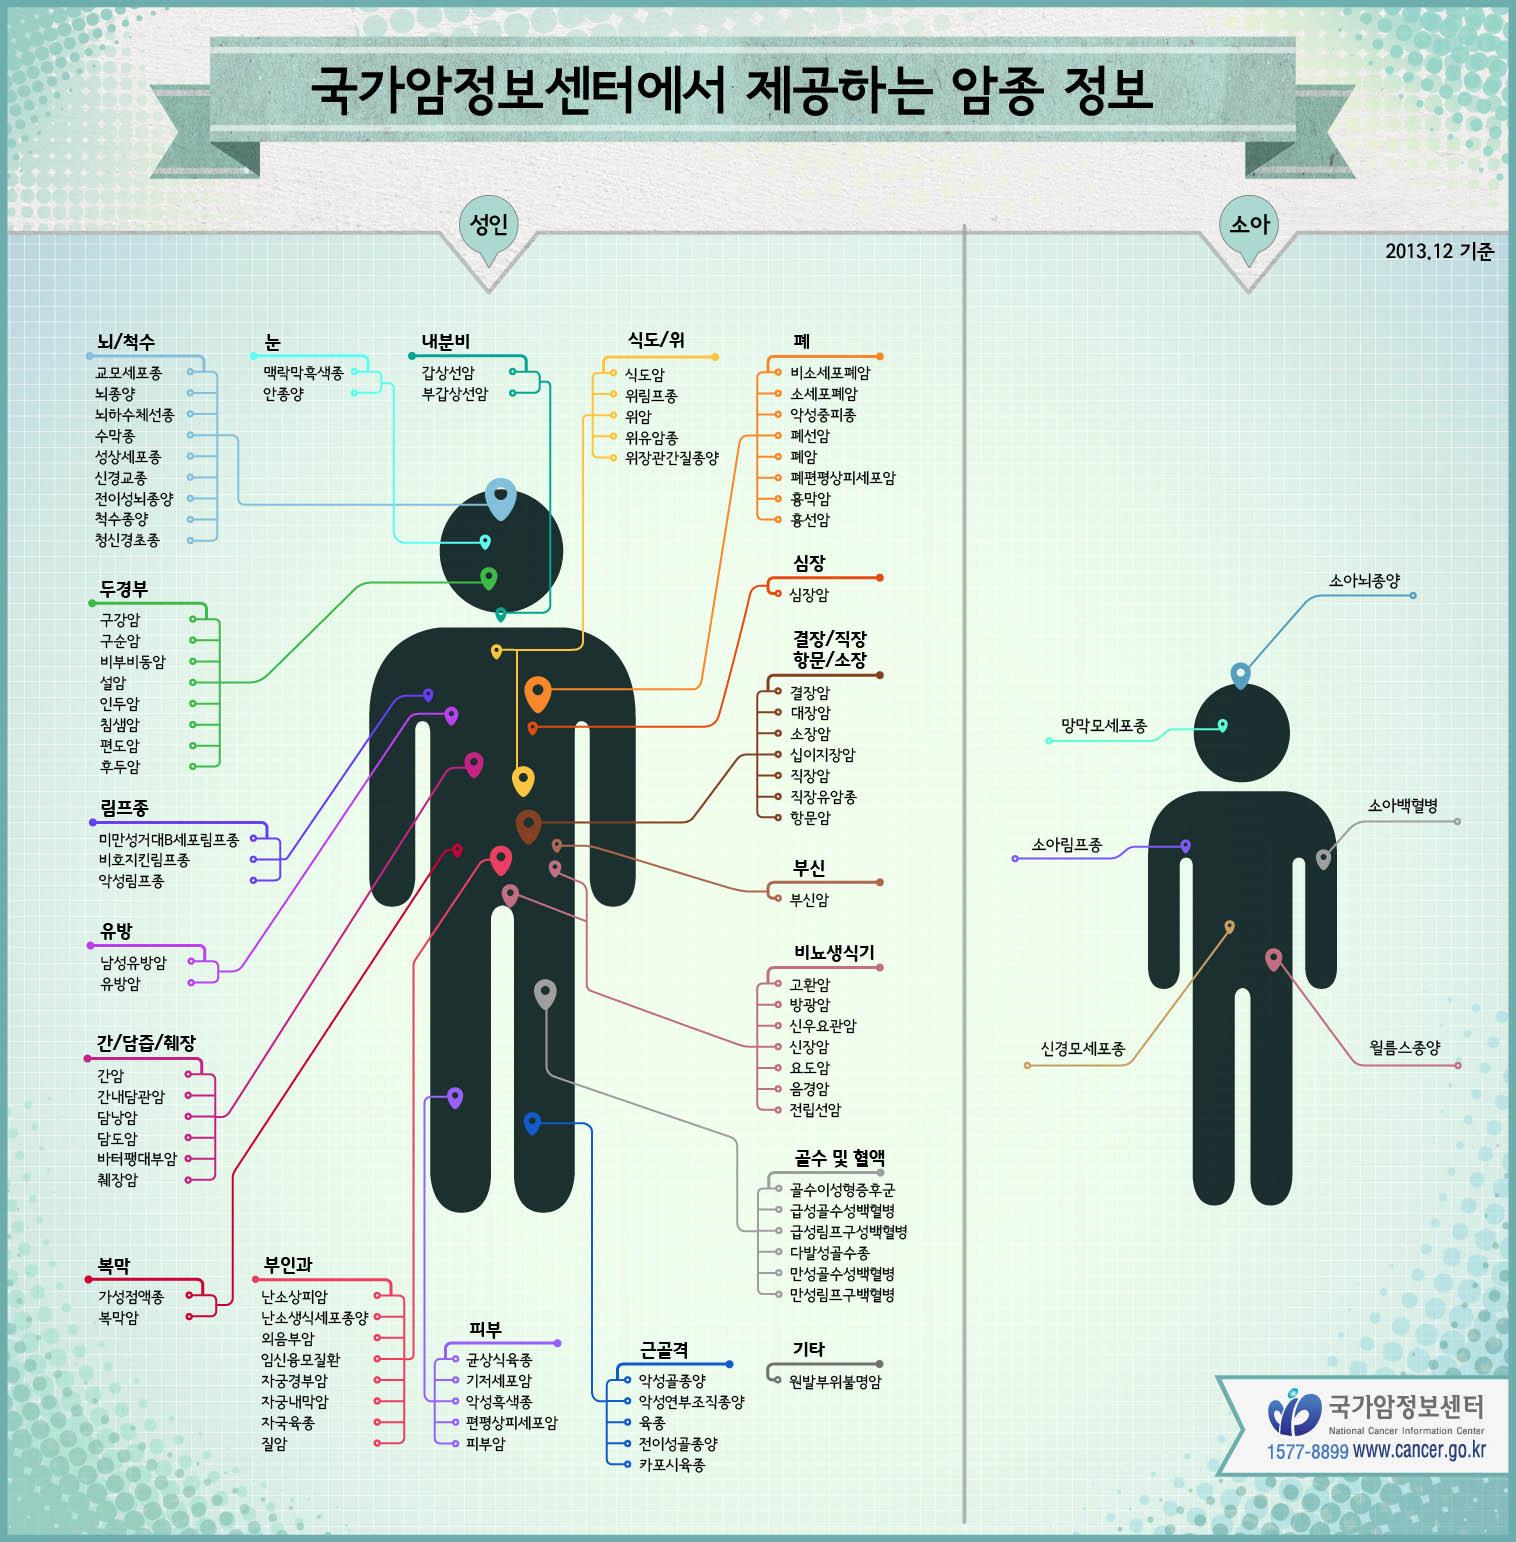 [2013 국가암정보센터 결산] 암종 정보